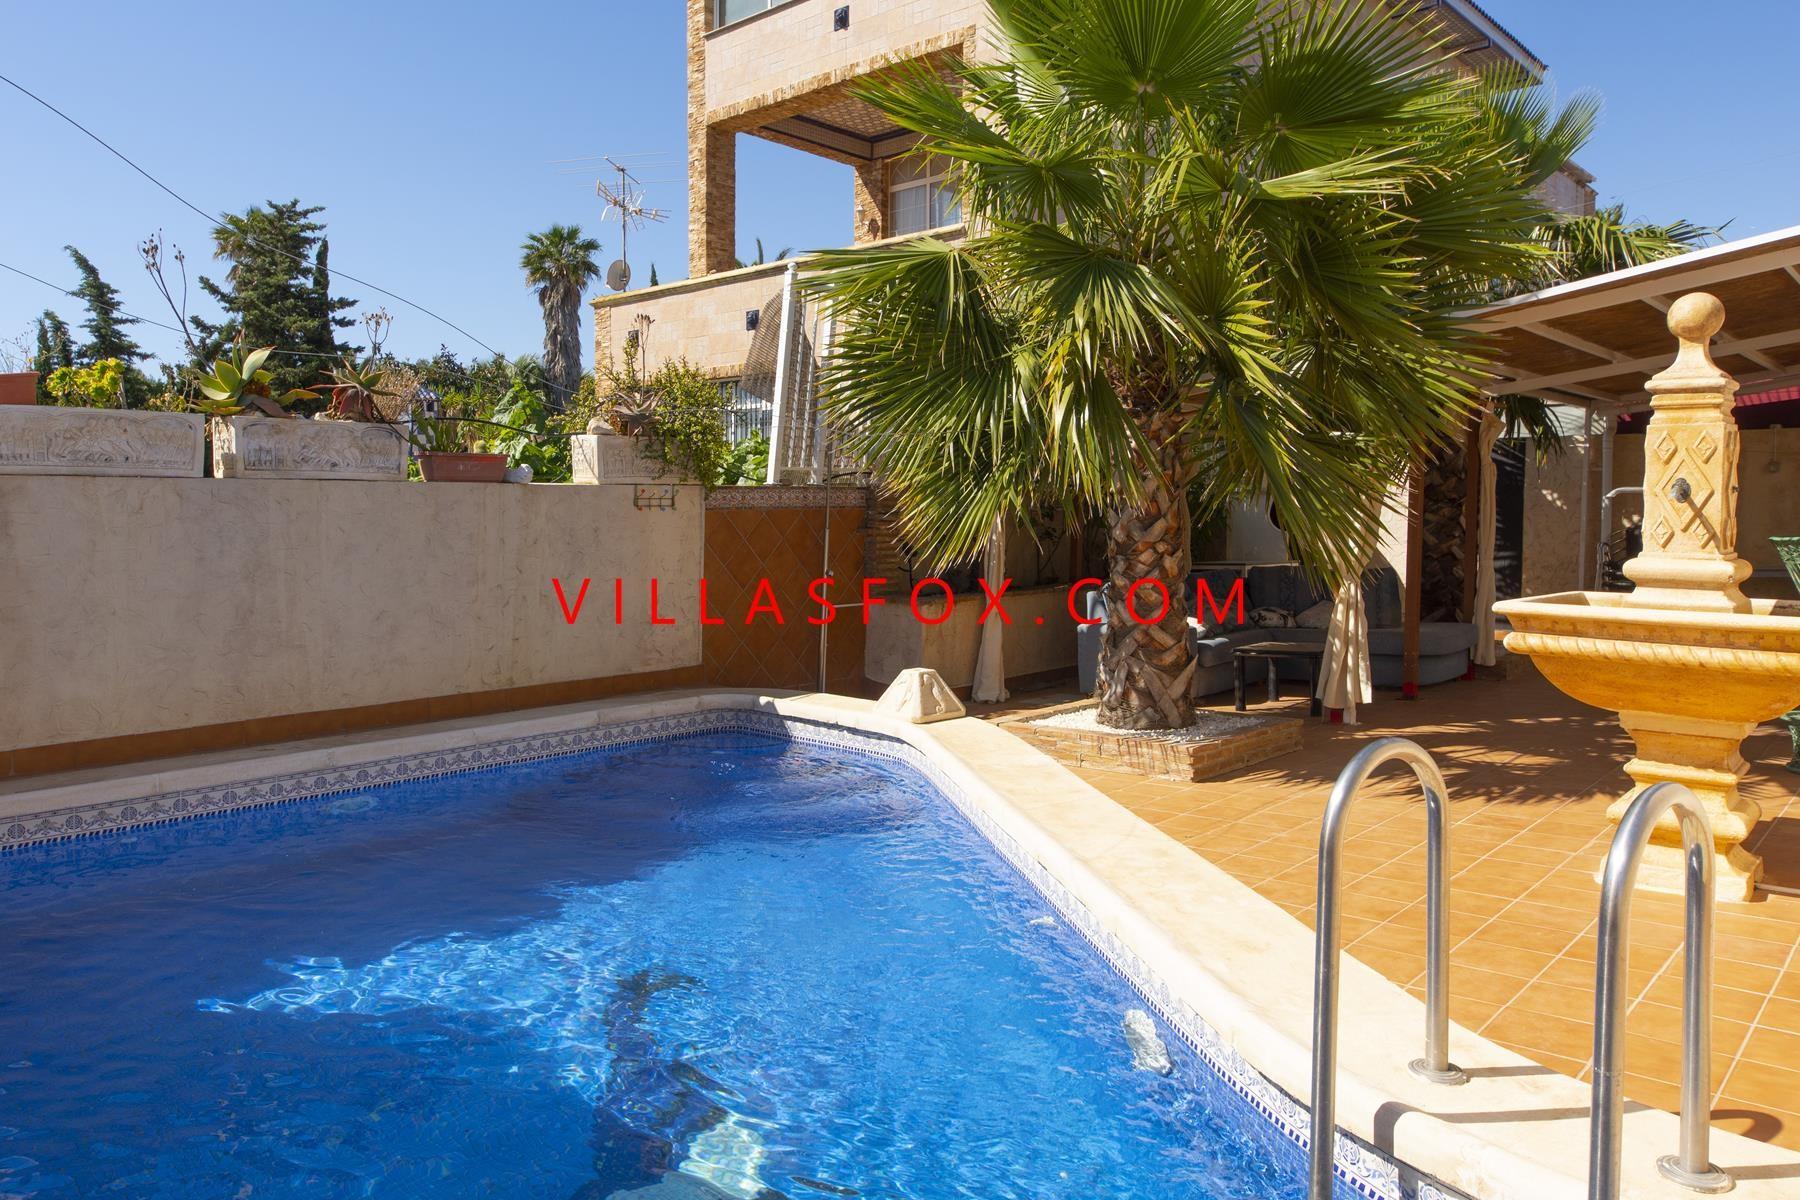 4-bedroom Los Altos villa with private swimming pool